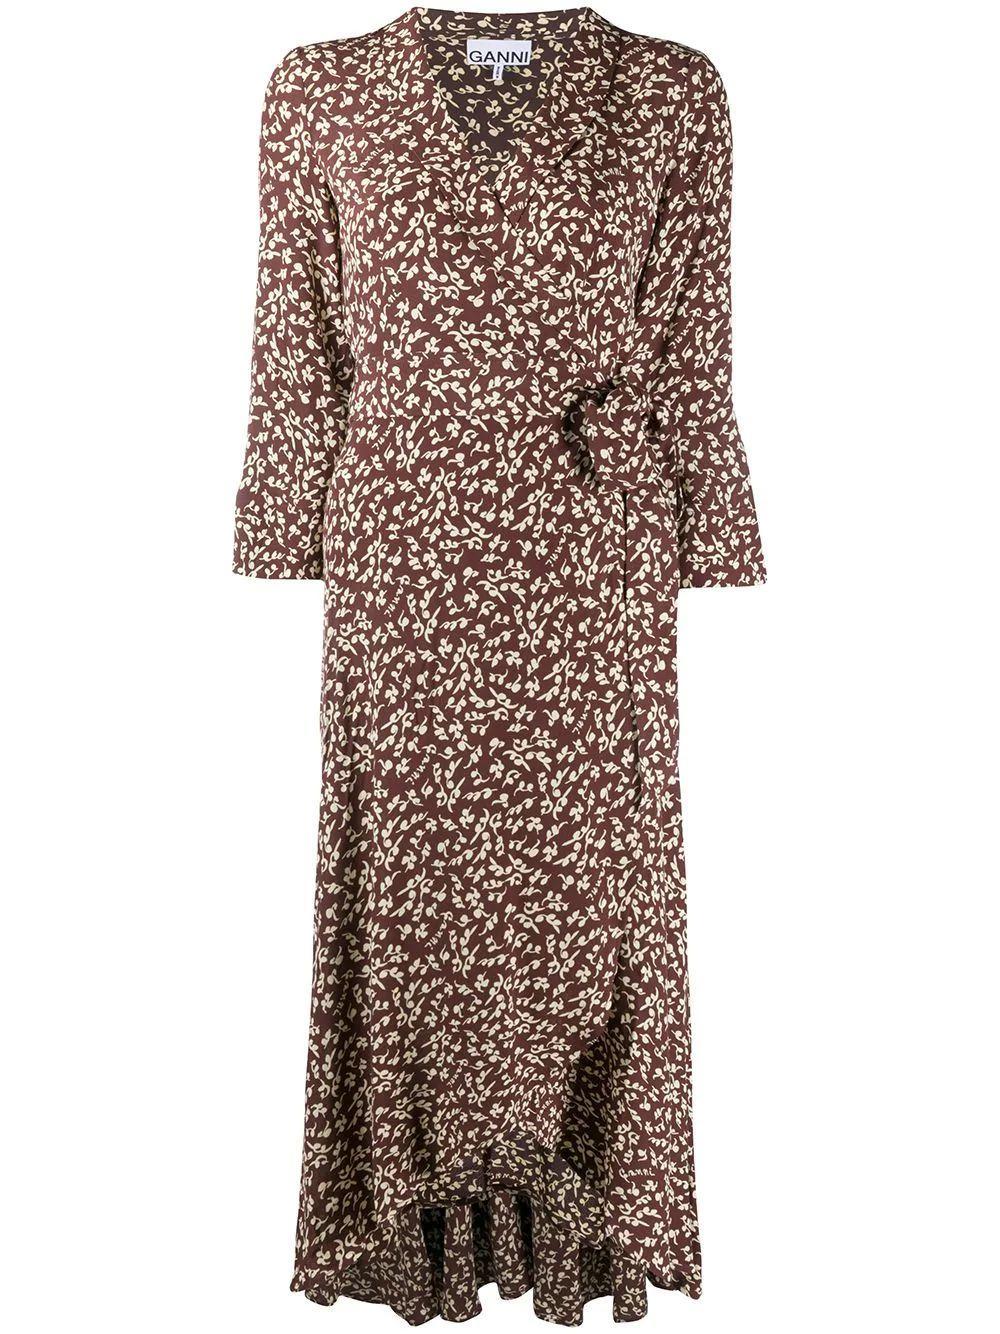 Printed Crepe Wrap Dress Item # F4488